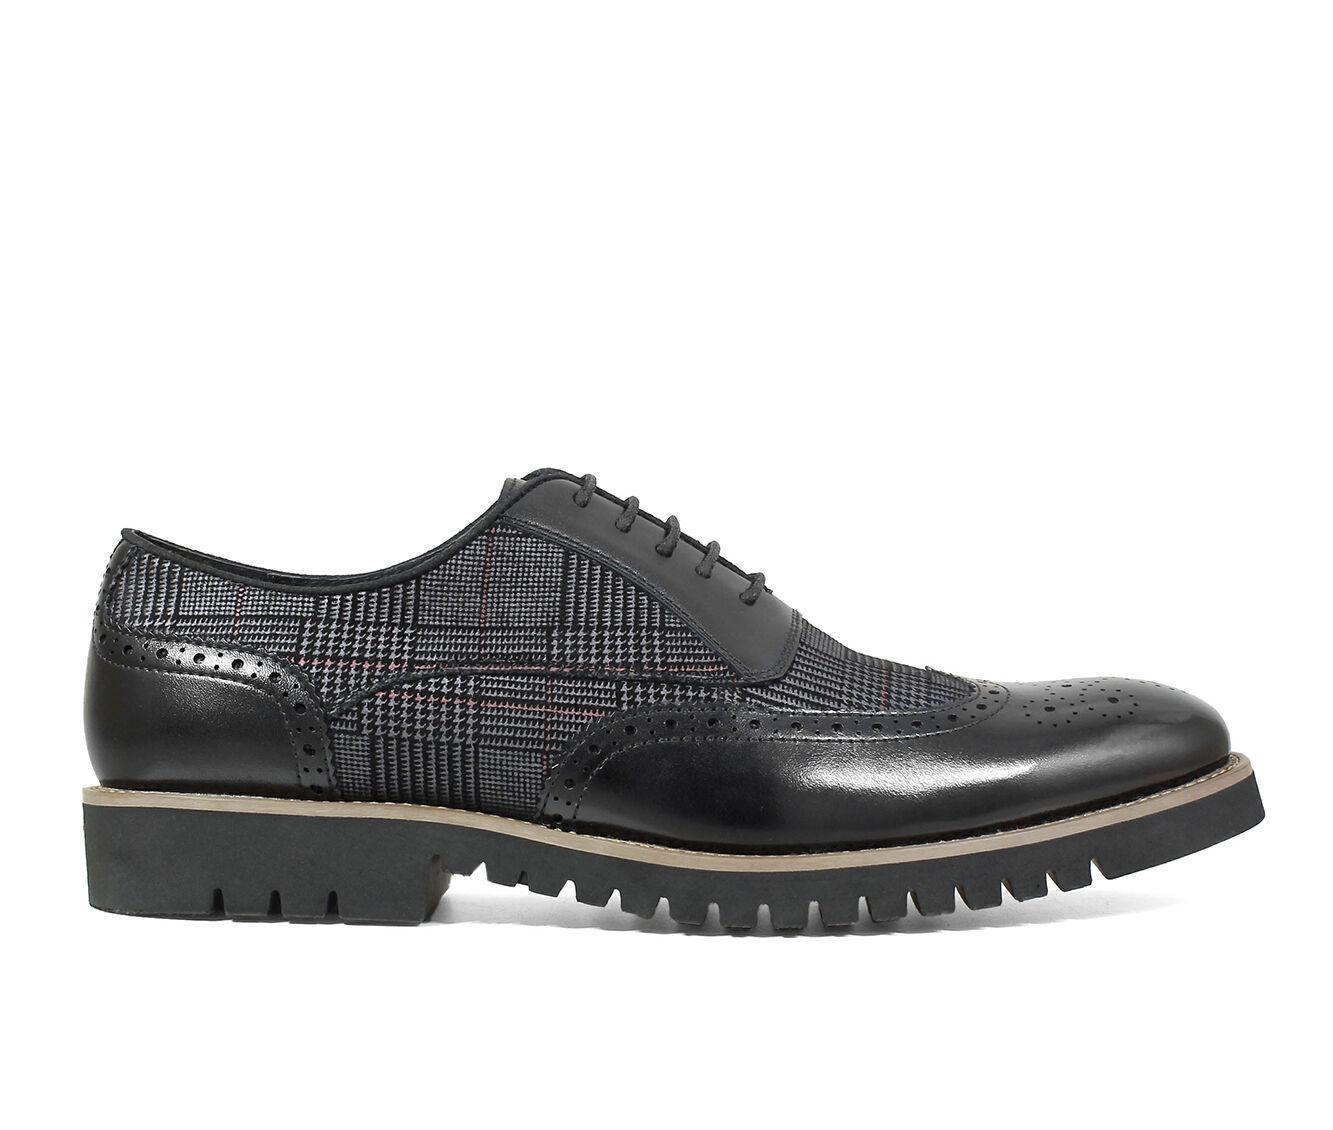 buy authentic Men's Stacy Adams Baxley Dress Shoes Black